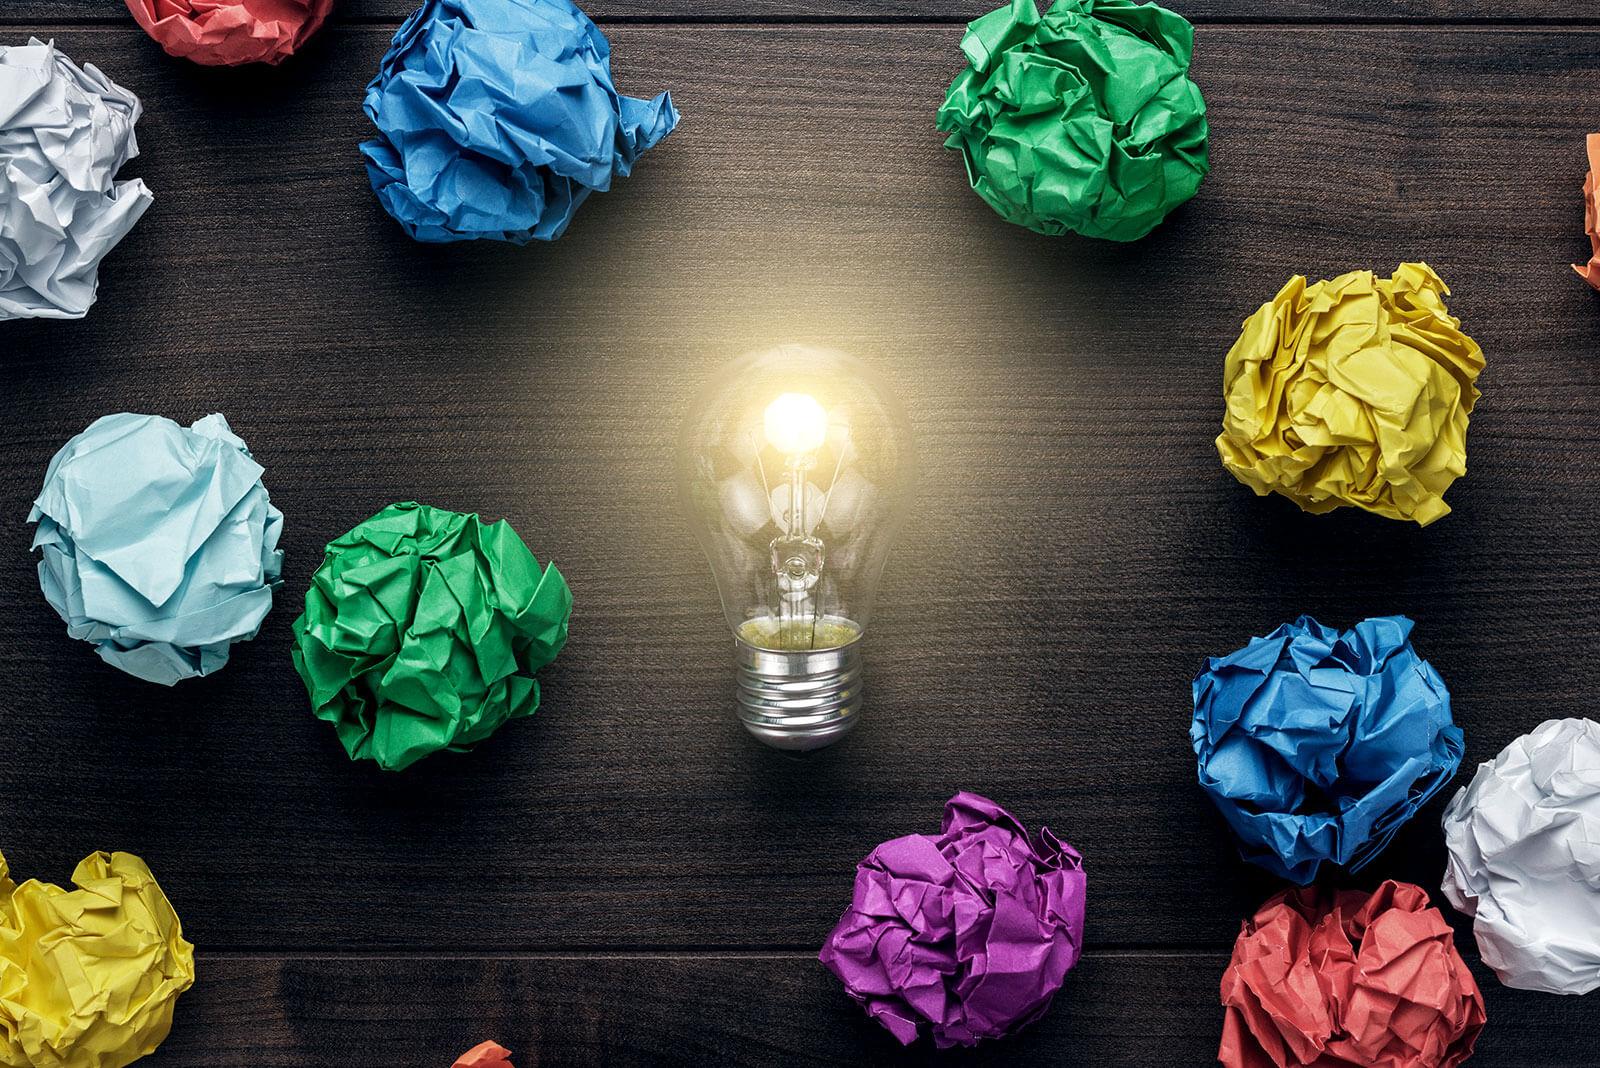 Брейнстормінг: техніка для генерації нових ідей